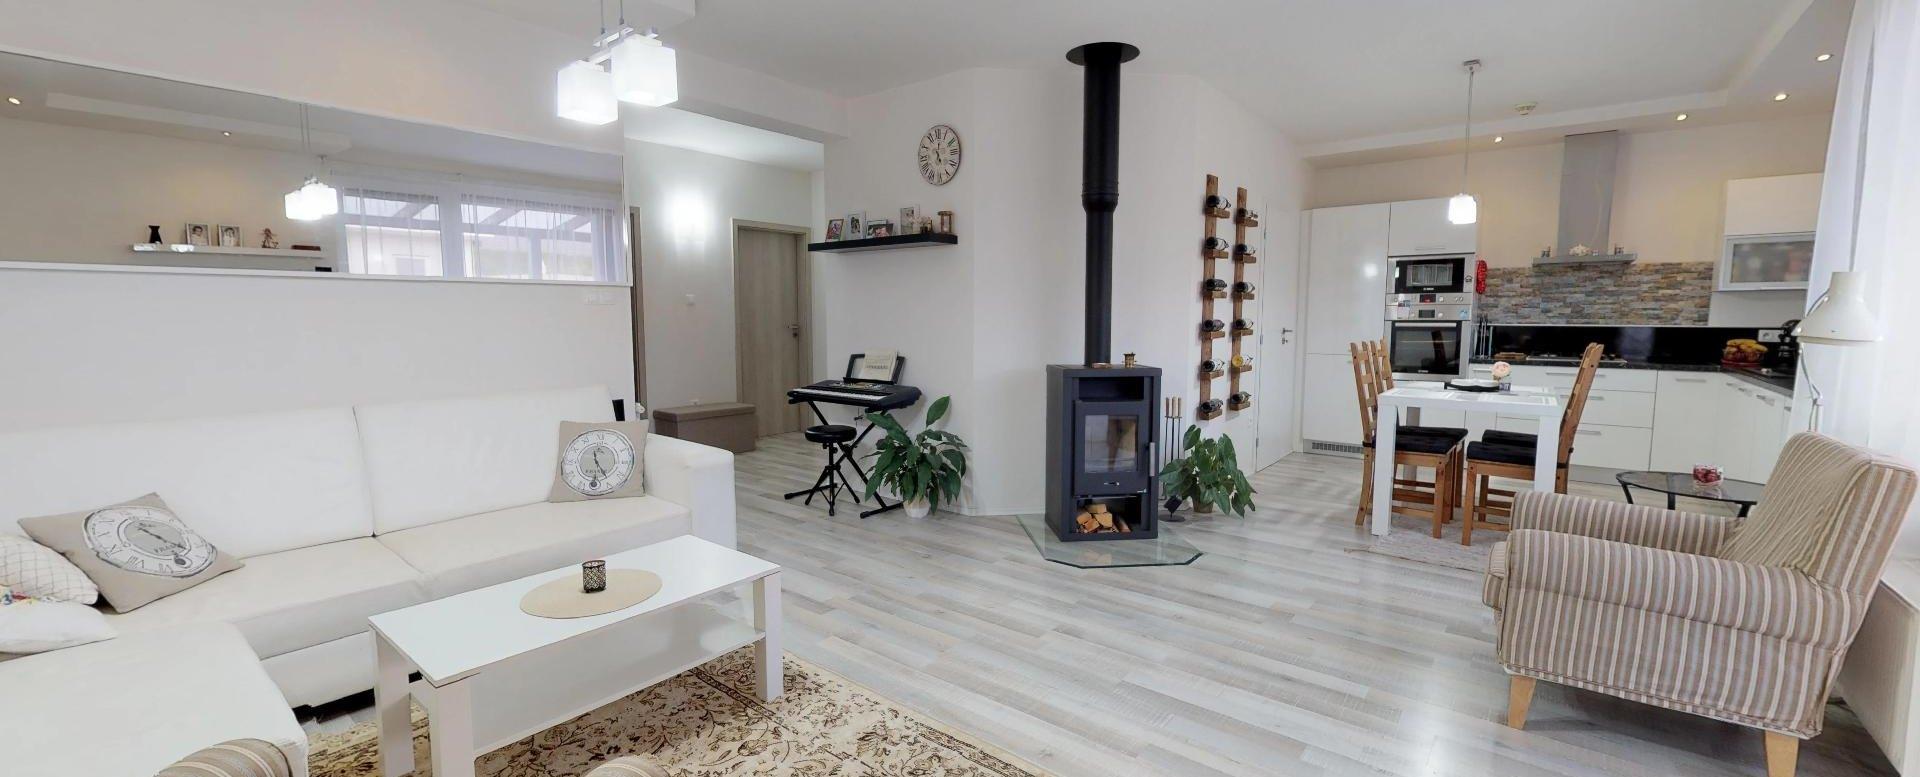 Obývacia izba rodinnéhno domu v Mojši pri Žiline